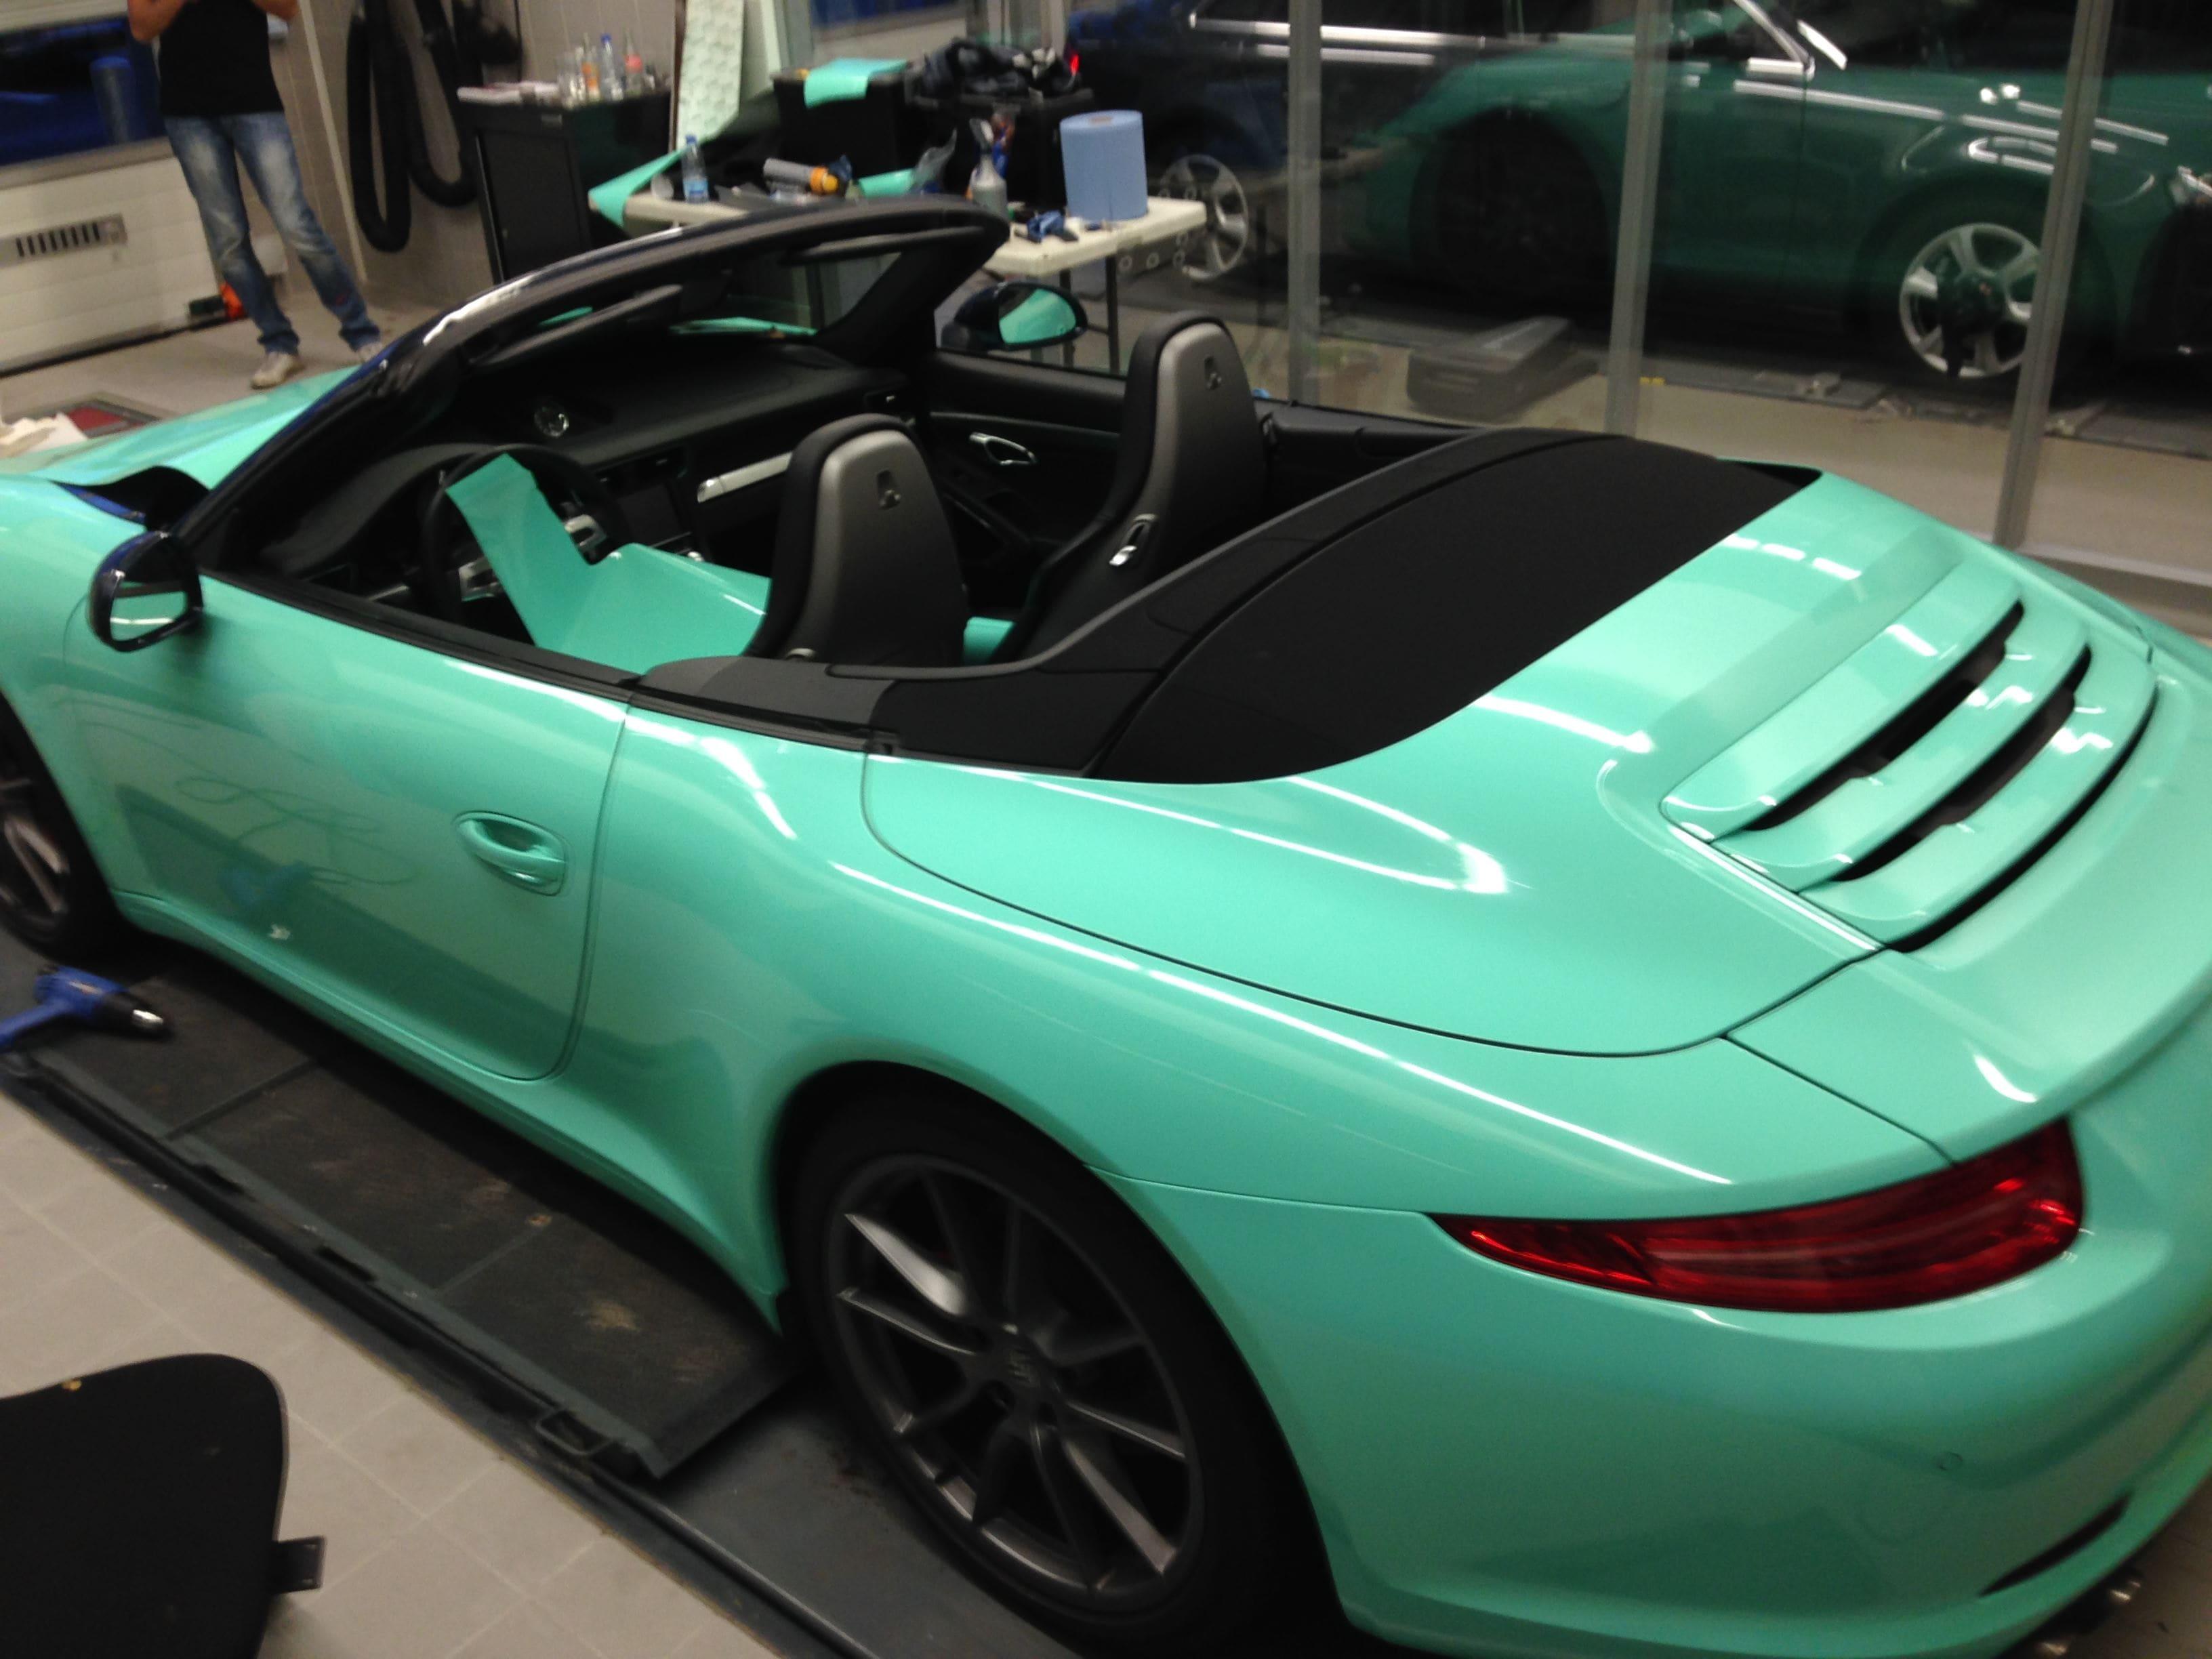 Porsche Carrera Turbo S Cabrio met Mint Green Wrap, Carwrapping door Wrapmyride.nu Foto-nr:6735, ©2021